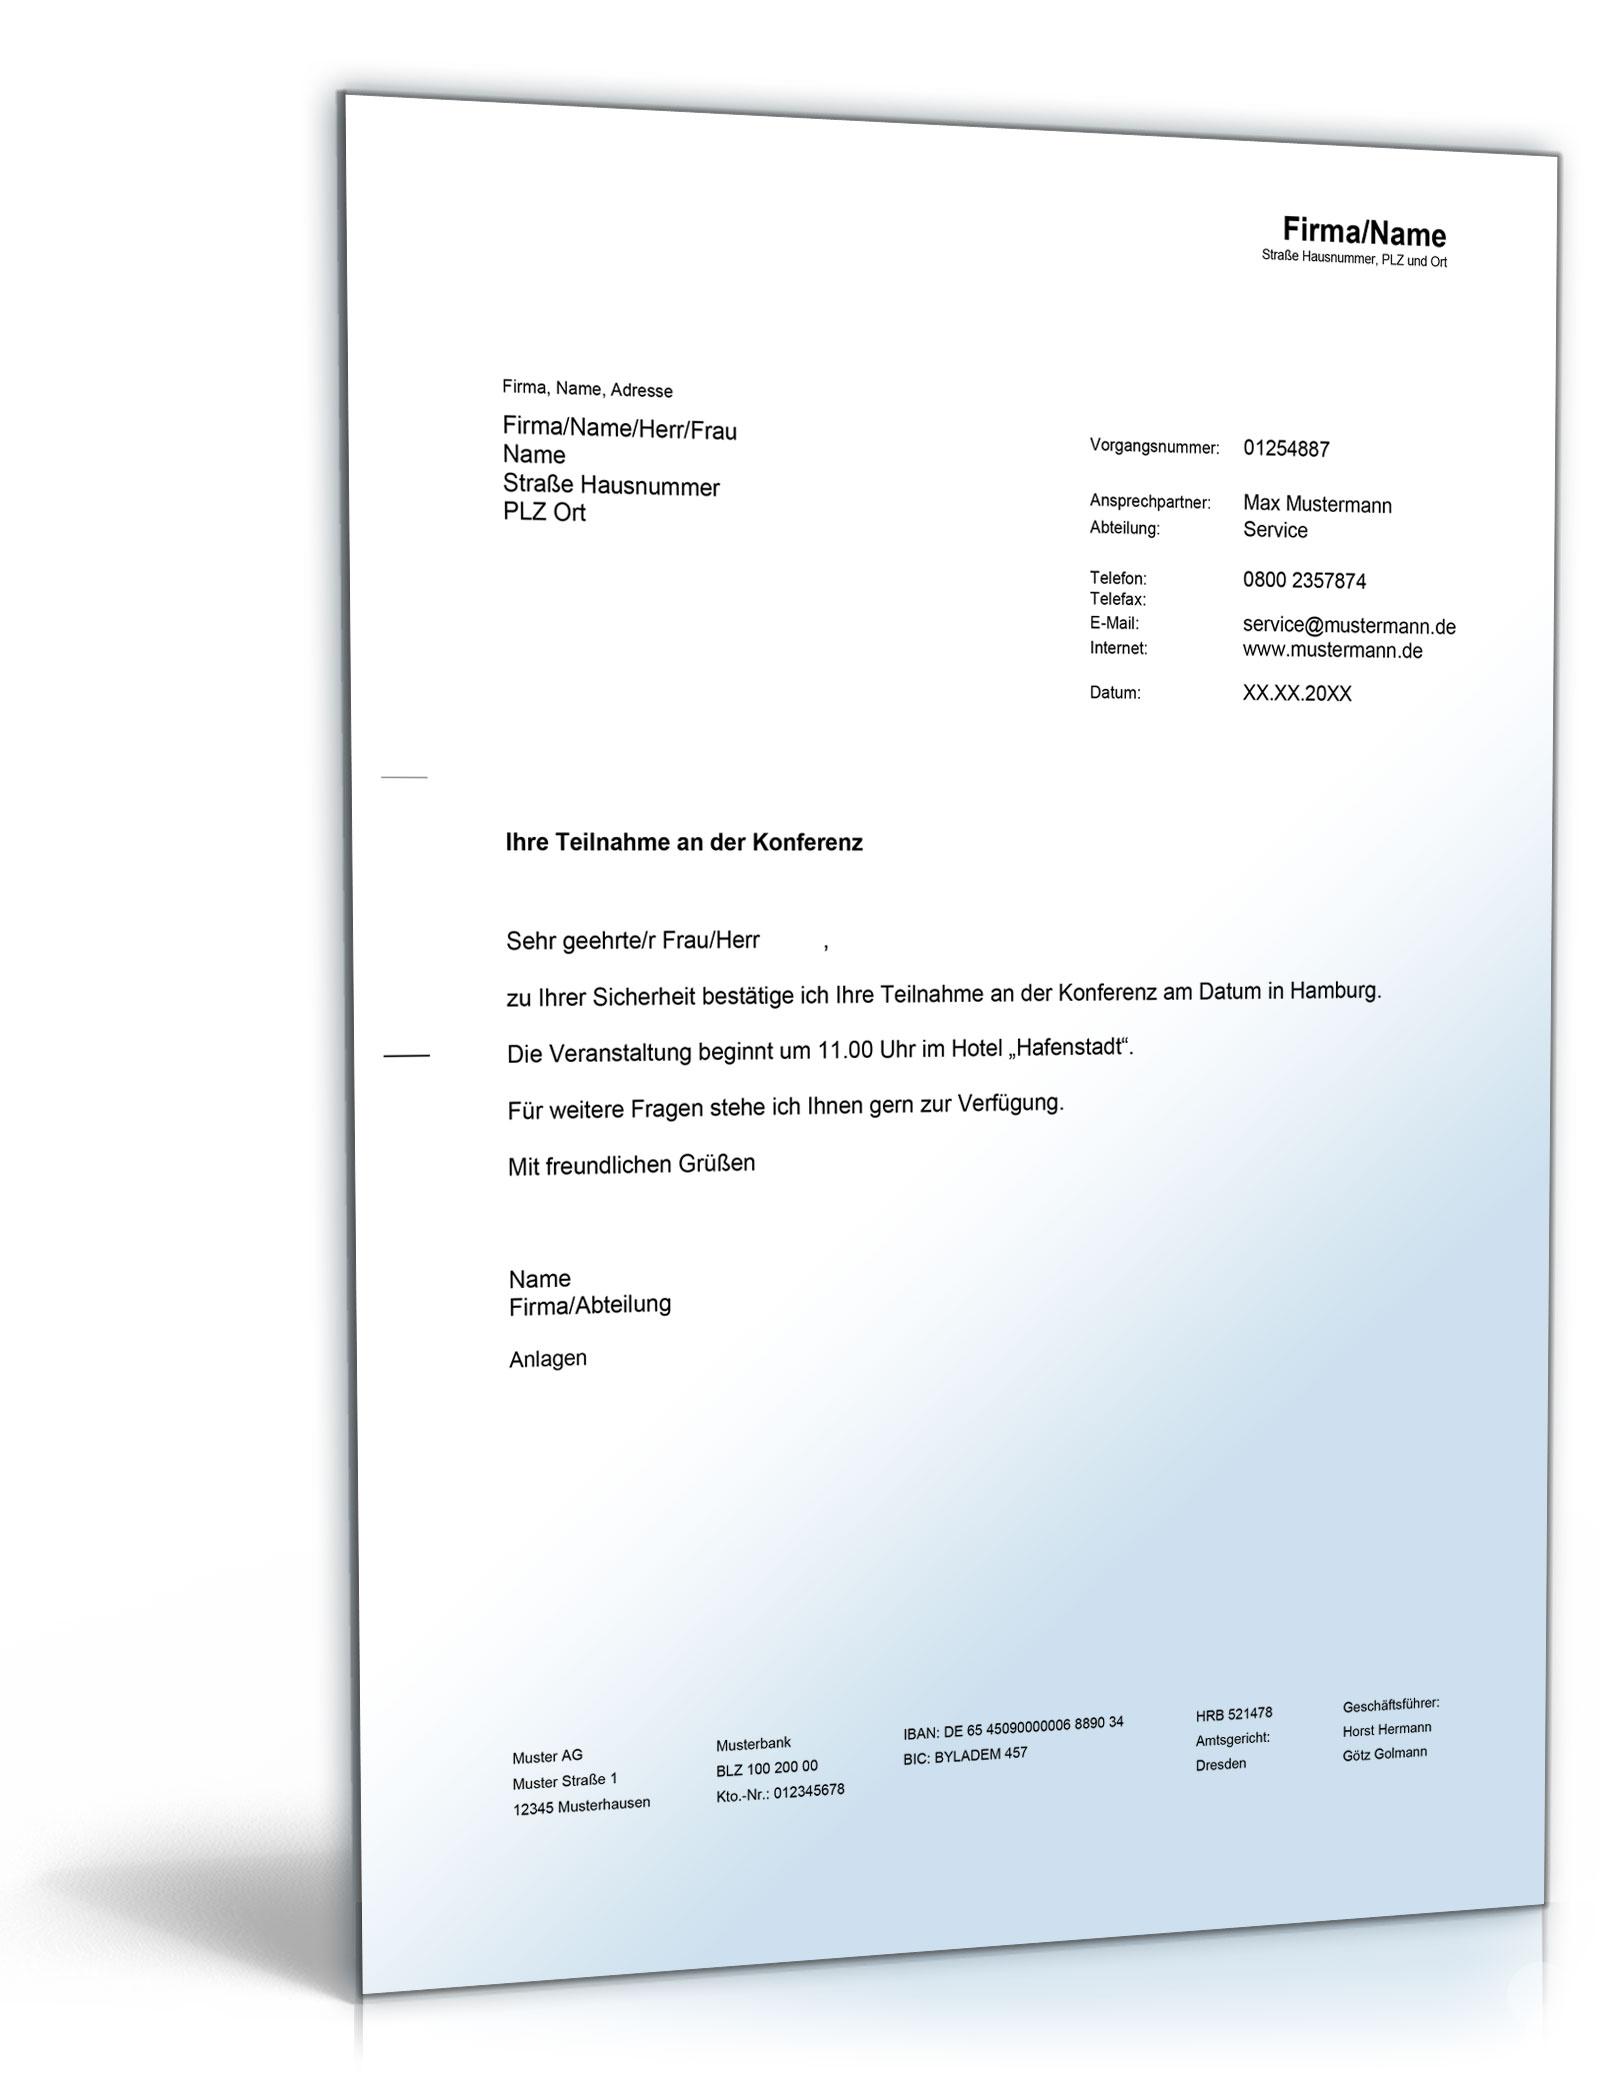 Bestätigung Einer Konferenzteilnahme De Musterbrief Download